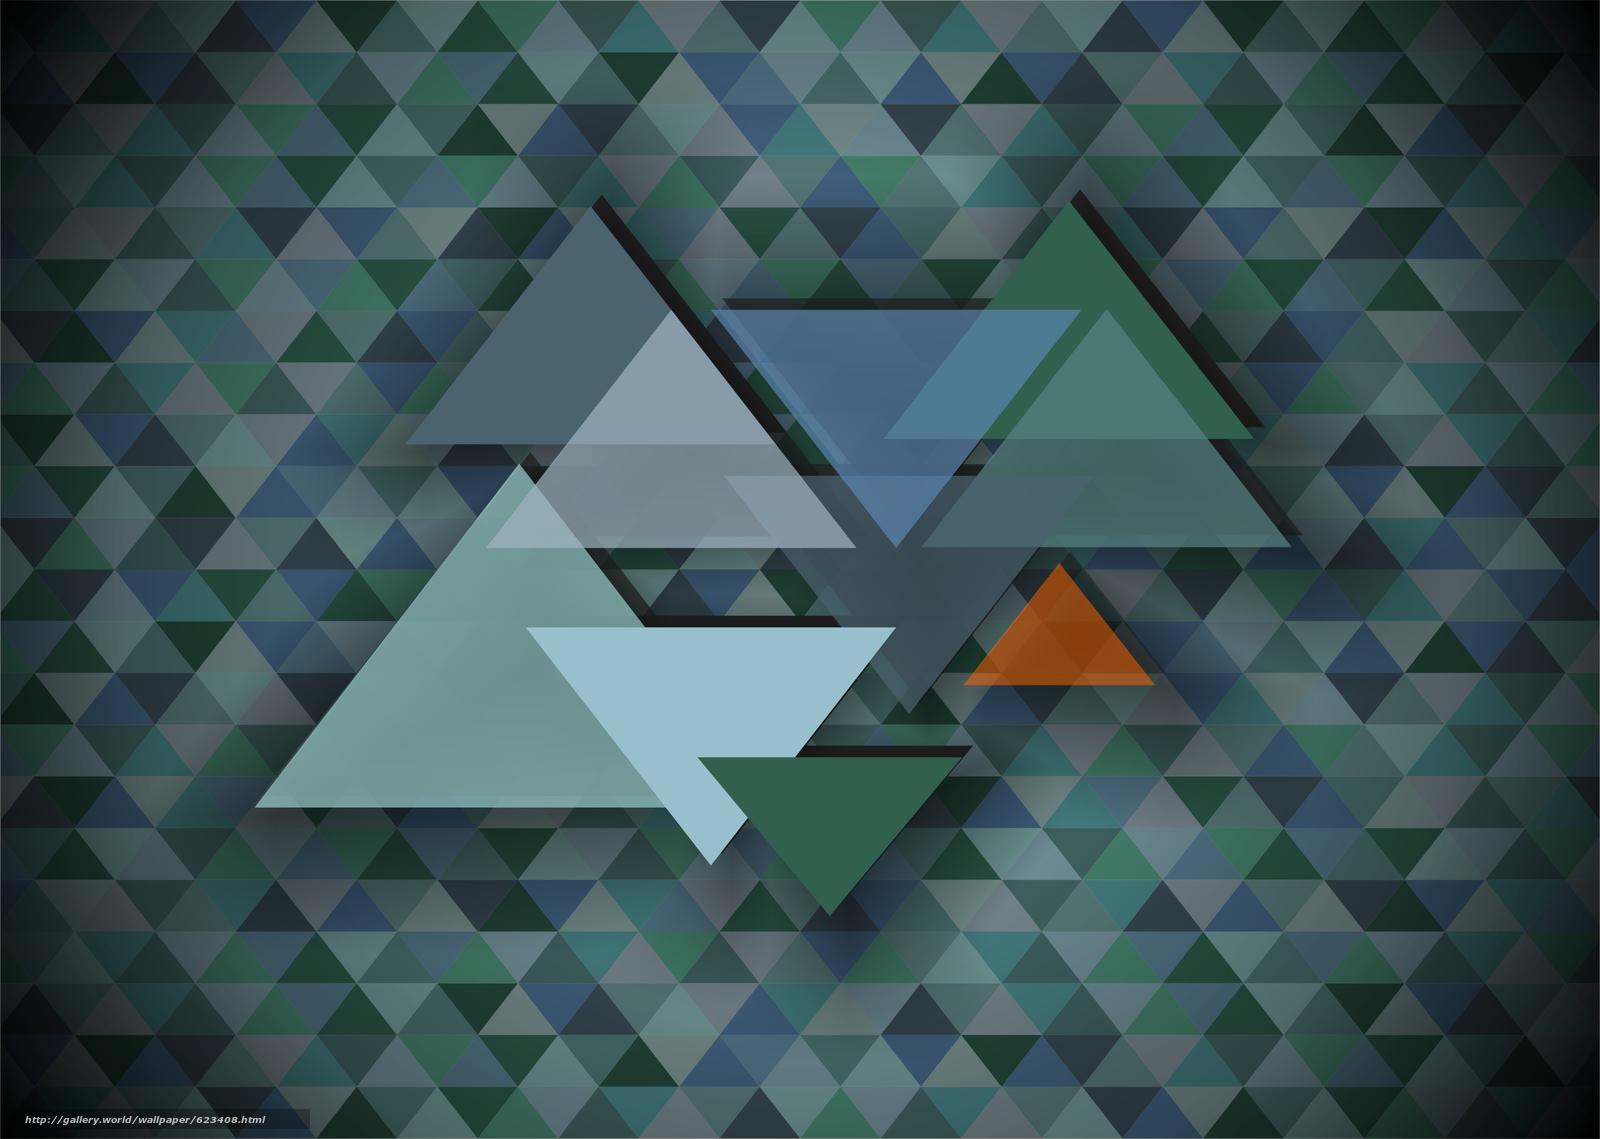 Скачать на телефон обои фото картинку на тему треугольник, мозаика, абстракция, фон, разширение 3570x2542